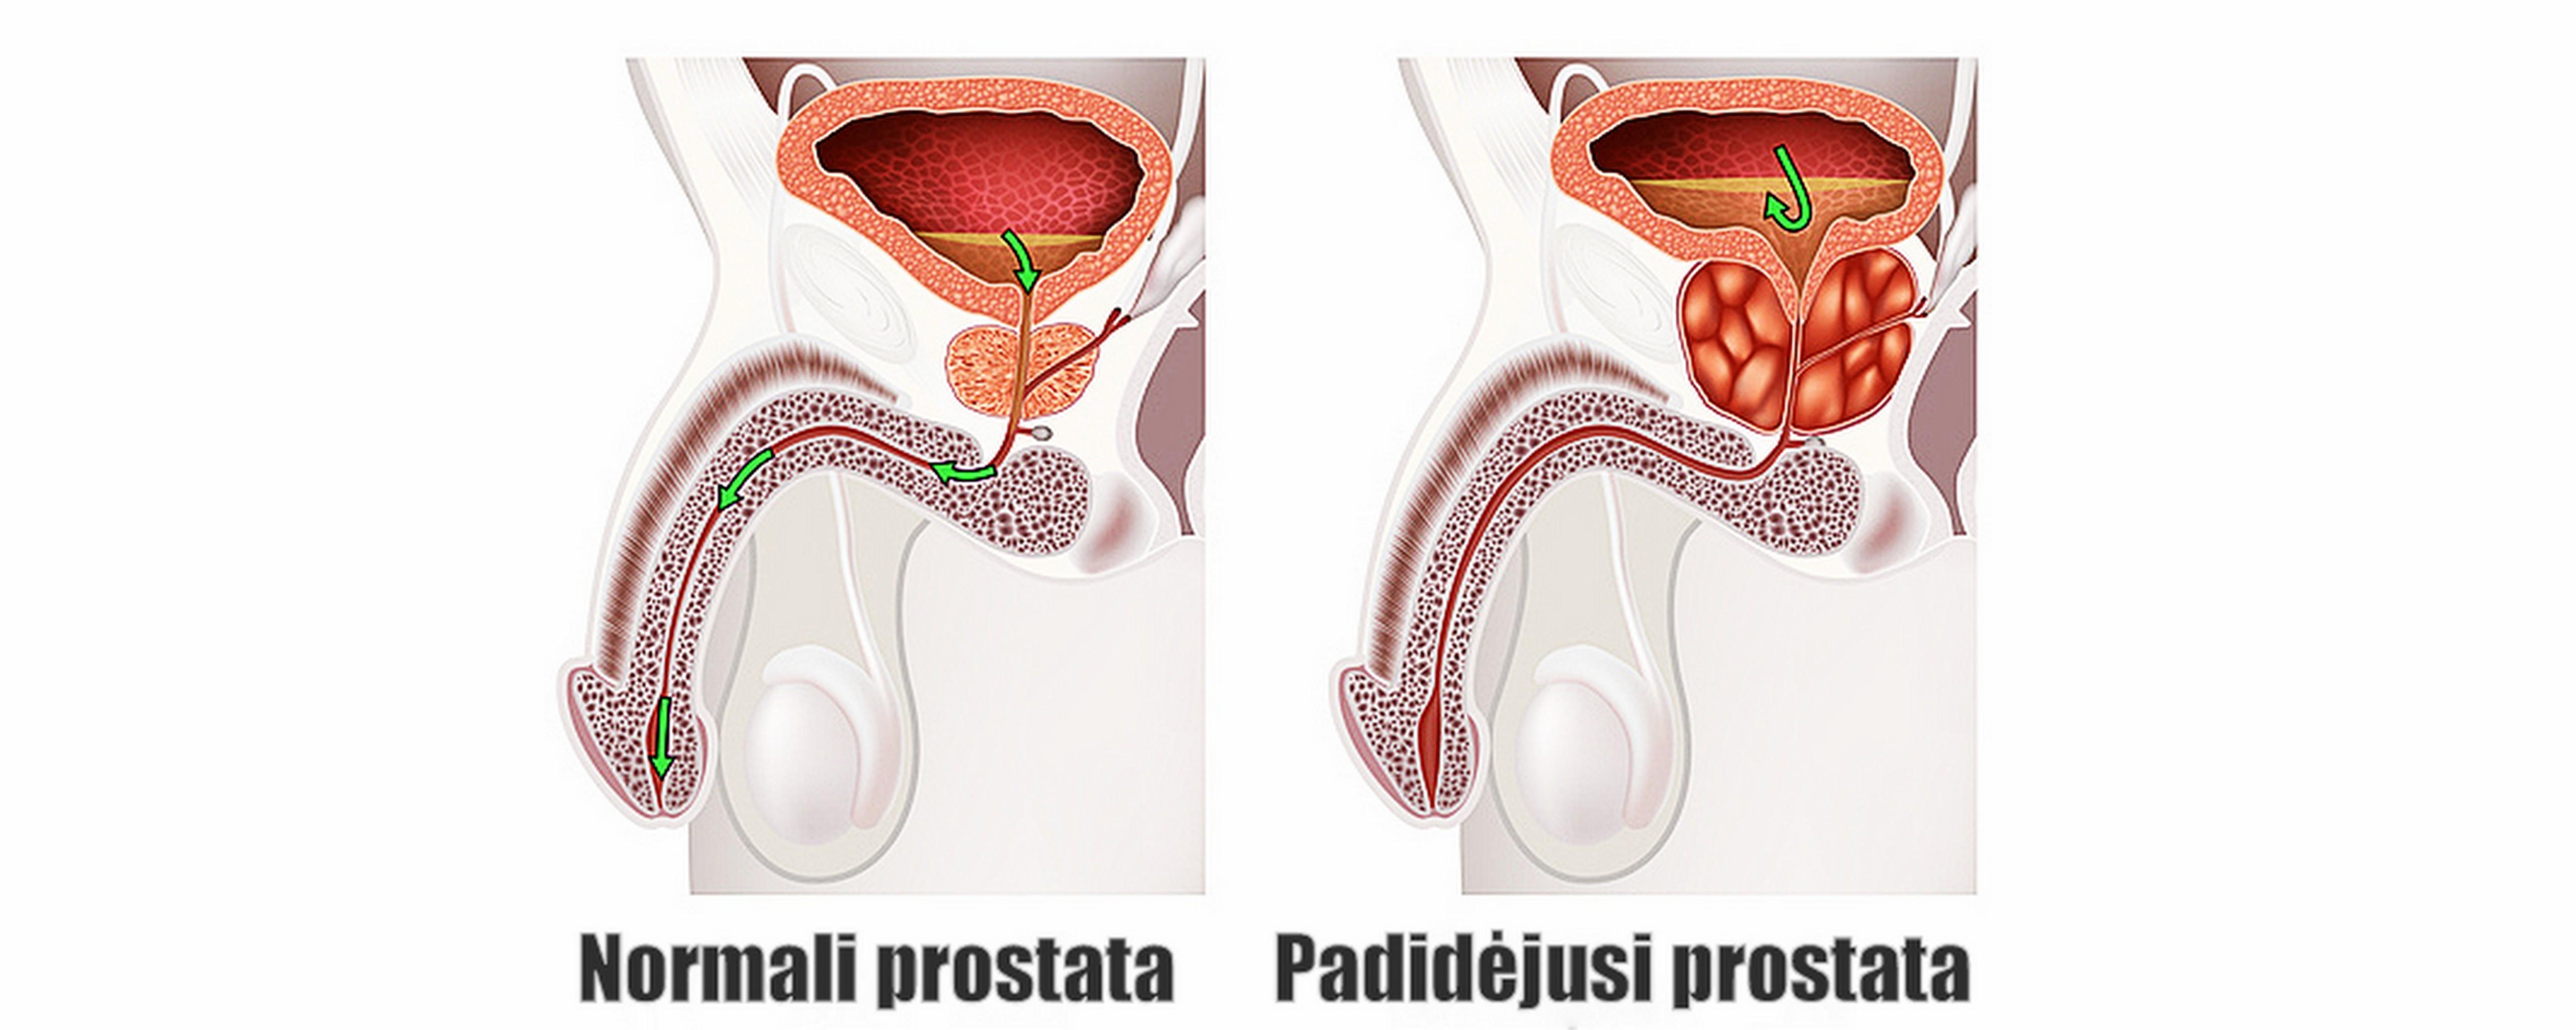 prostatos masažas veikia erekciją puikus storis ir nario ilgis